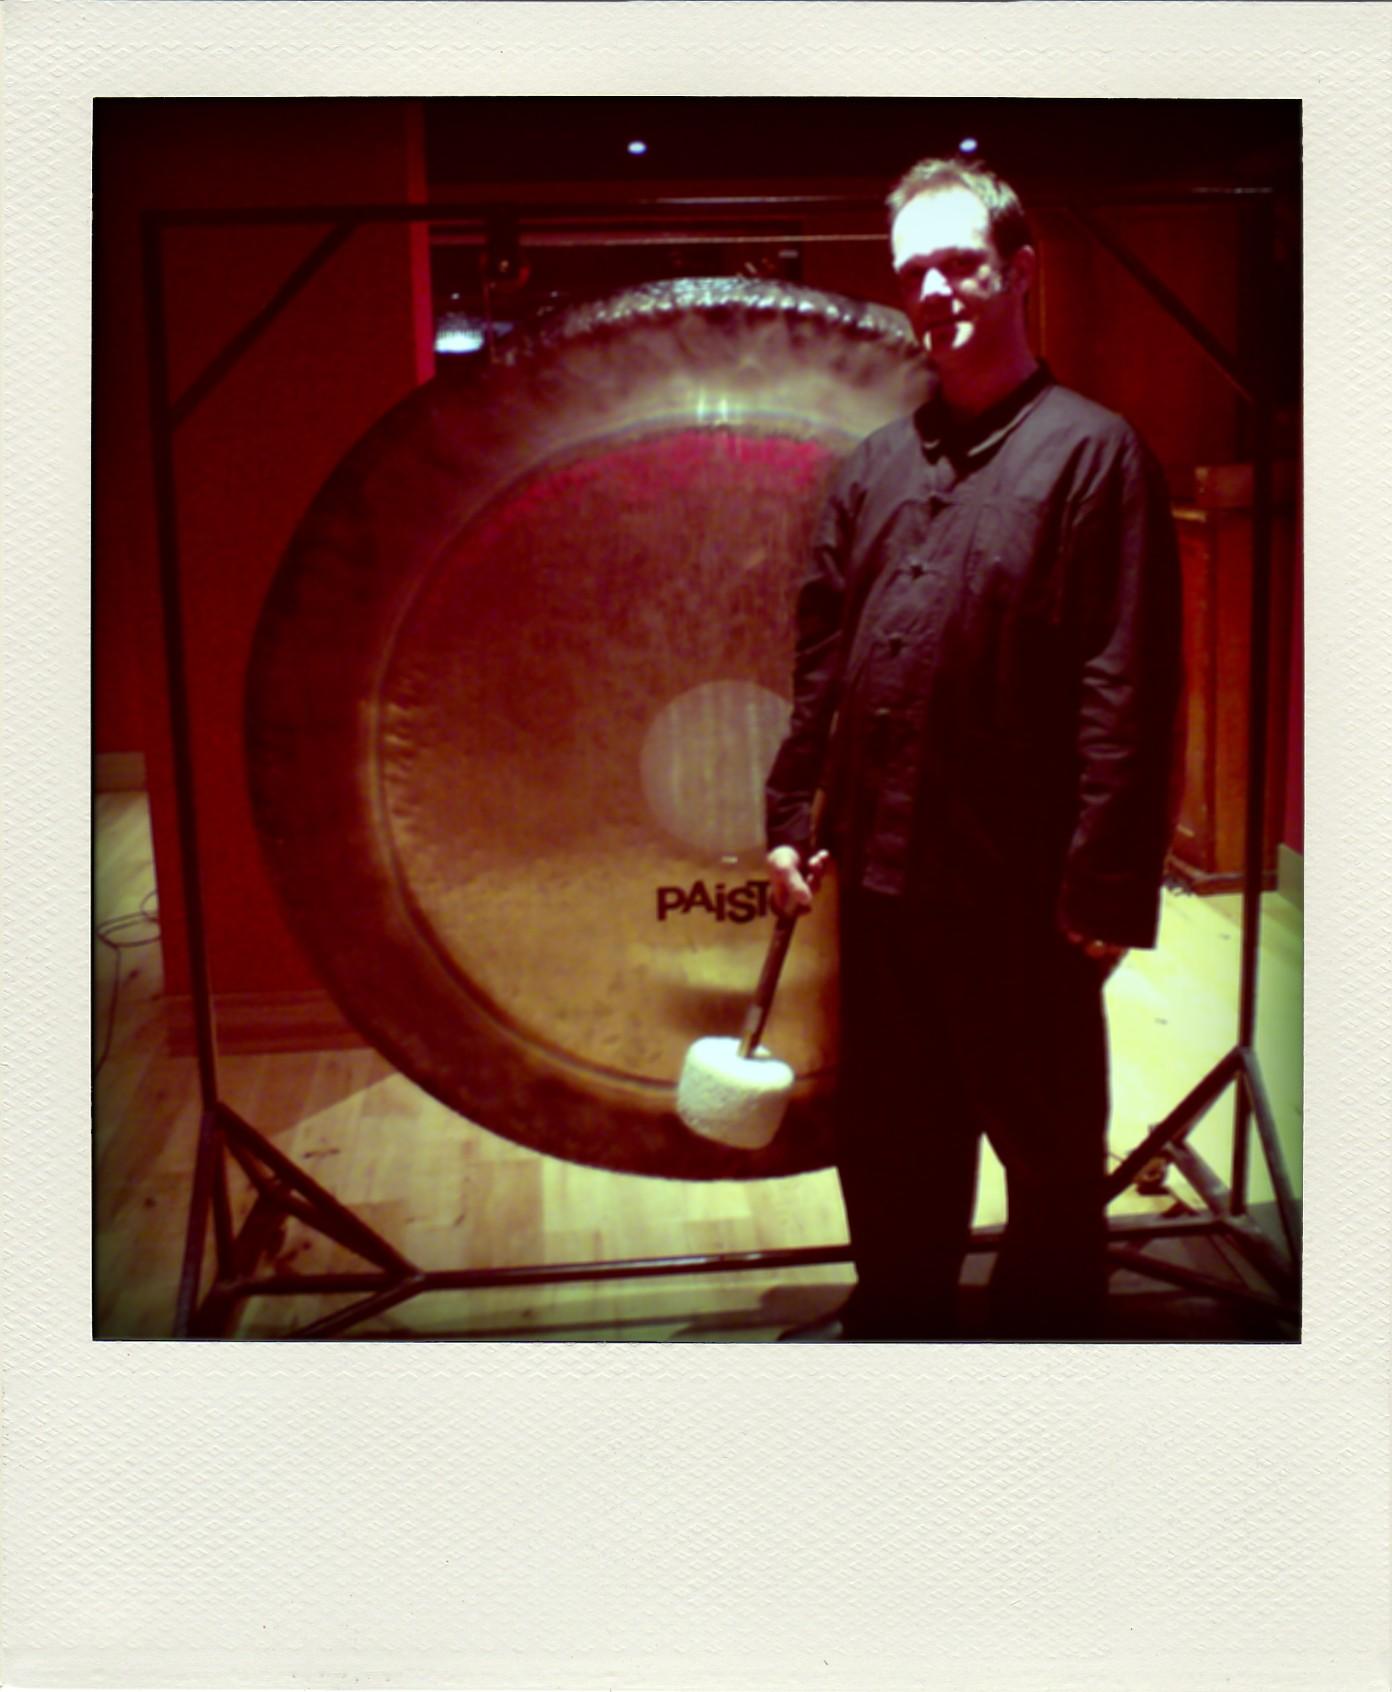 Playing tam tam for Gorillaz BBC Beijing Olympics TV idents. Damon Albarn's studio, West London, 2008